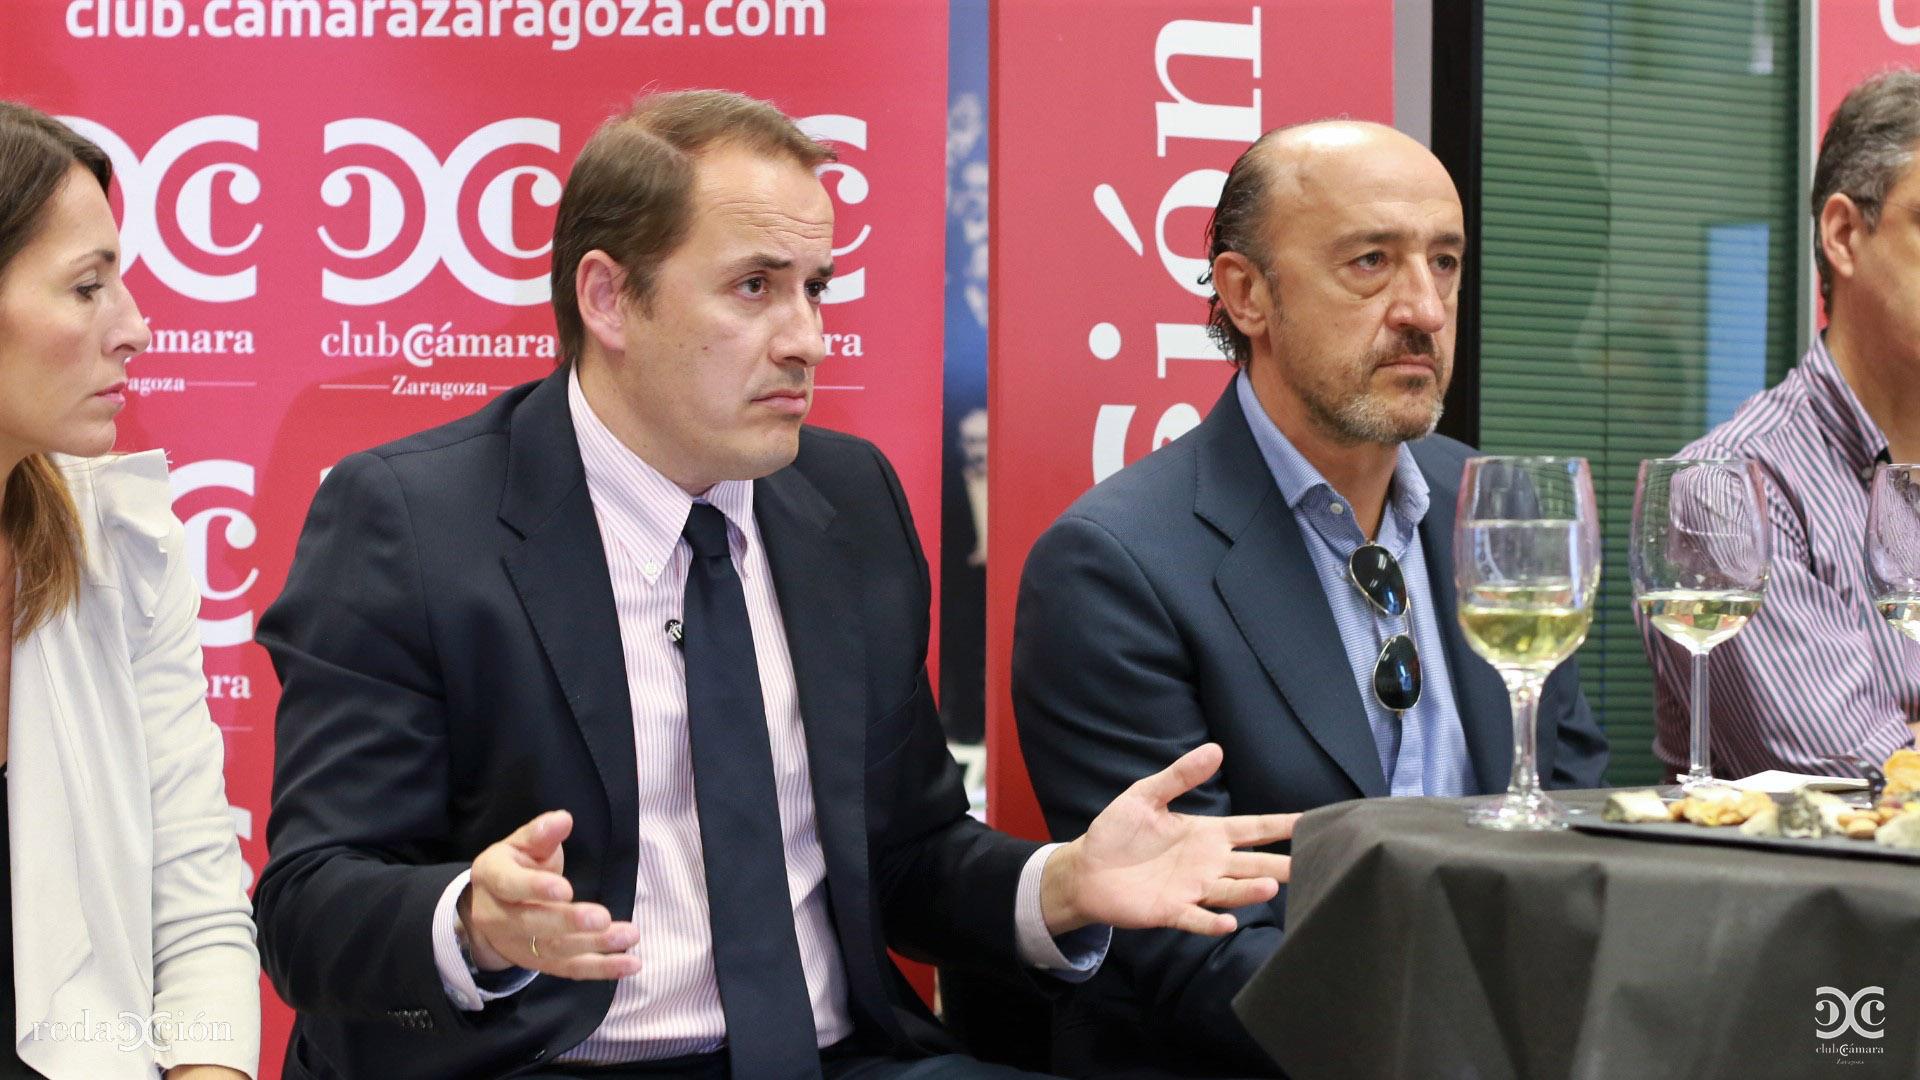 Jaime Mendoza y José María Baque.